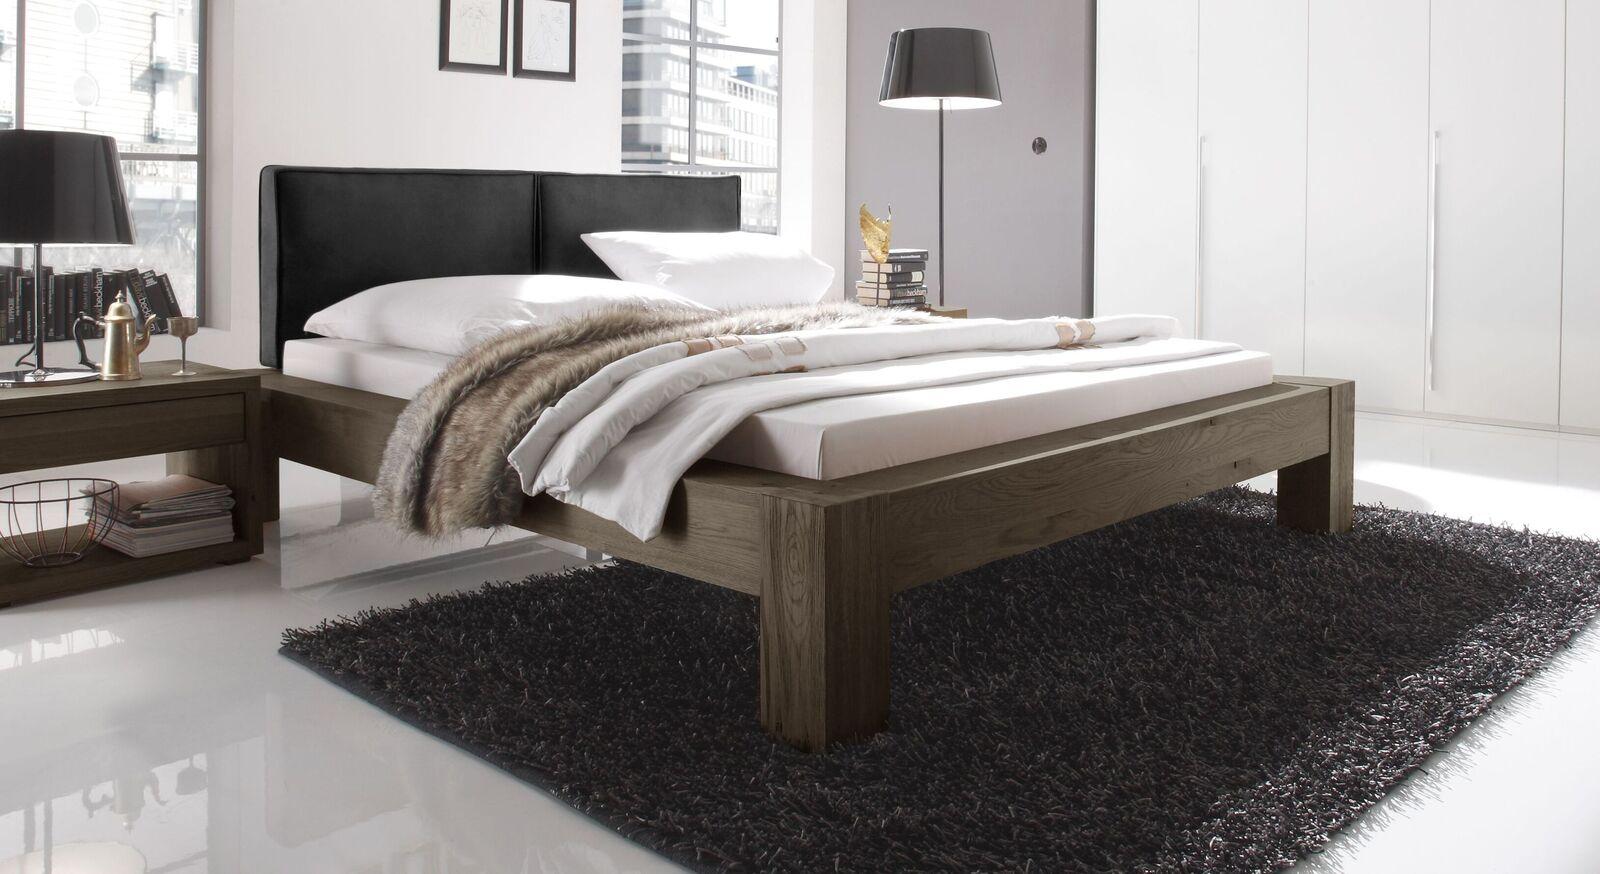 Bett Maia aus coffeefarbenem Wildeichenholz und schwarzem Kopfteil